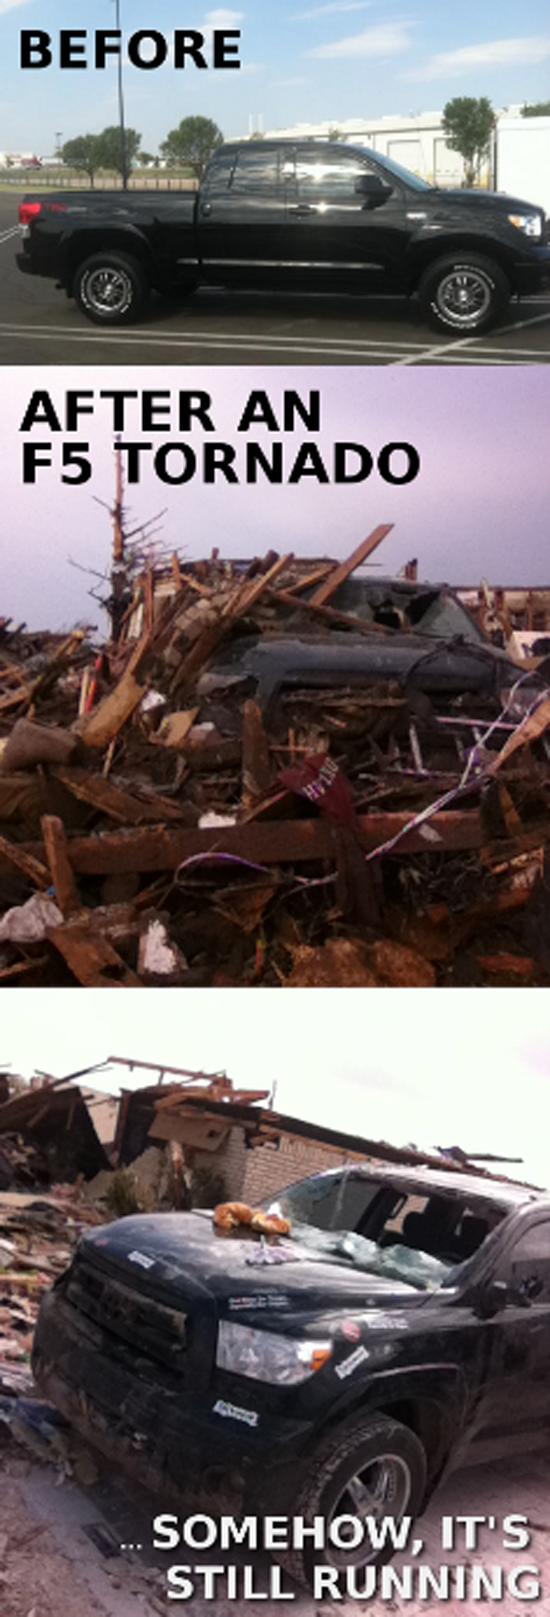 Toyota Tundra Meets EF5 Tornado - It STILL RUNS!